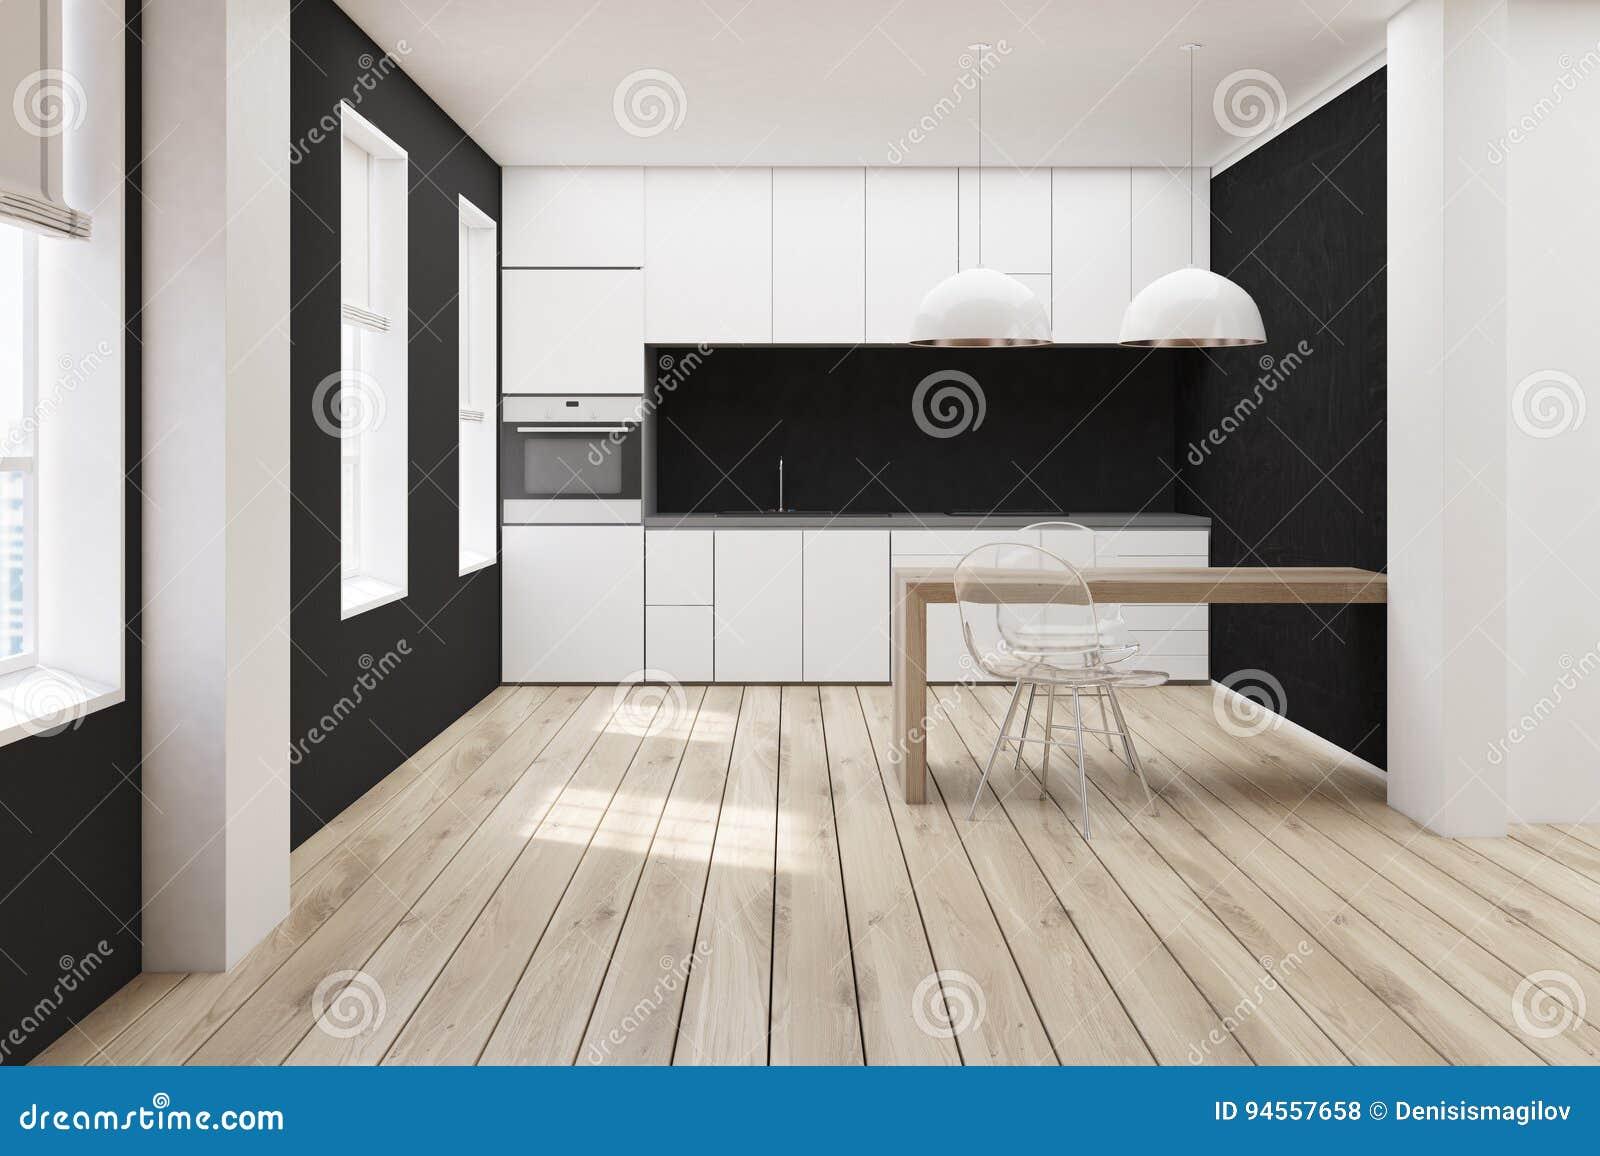 Cucina legno bianco e nero idee cucine moderne in legno u bianche nere colorate u idee cucina - Cucina bianca e legno ...